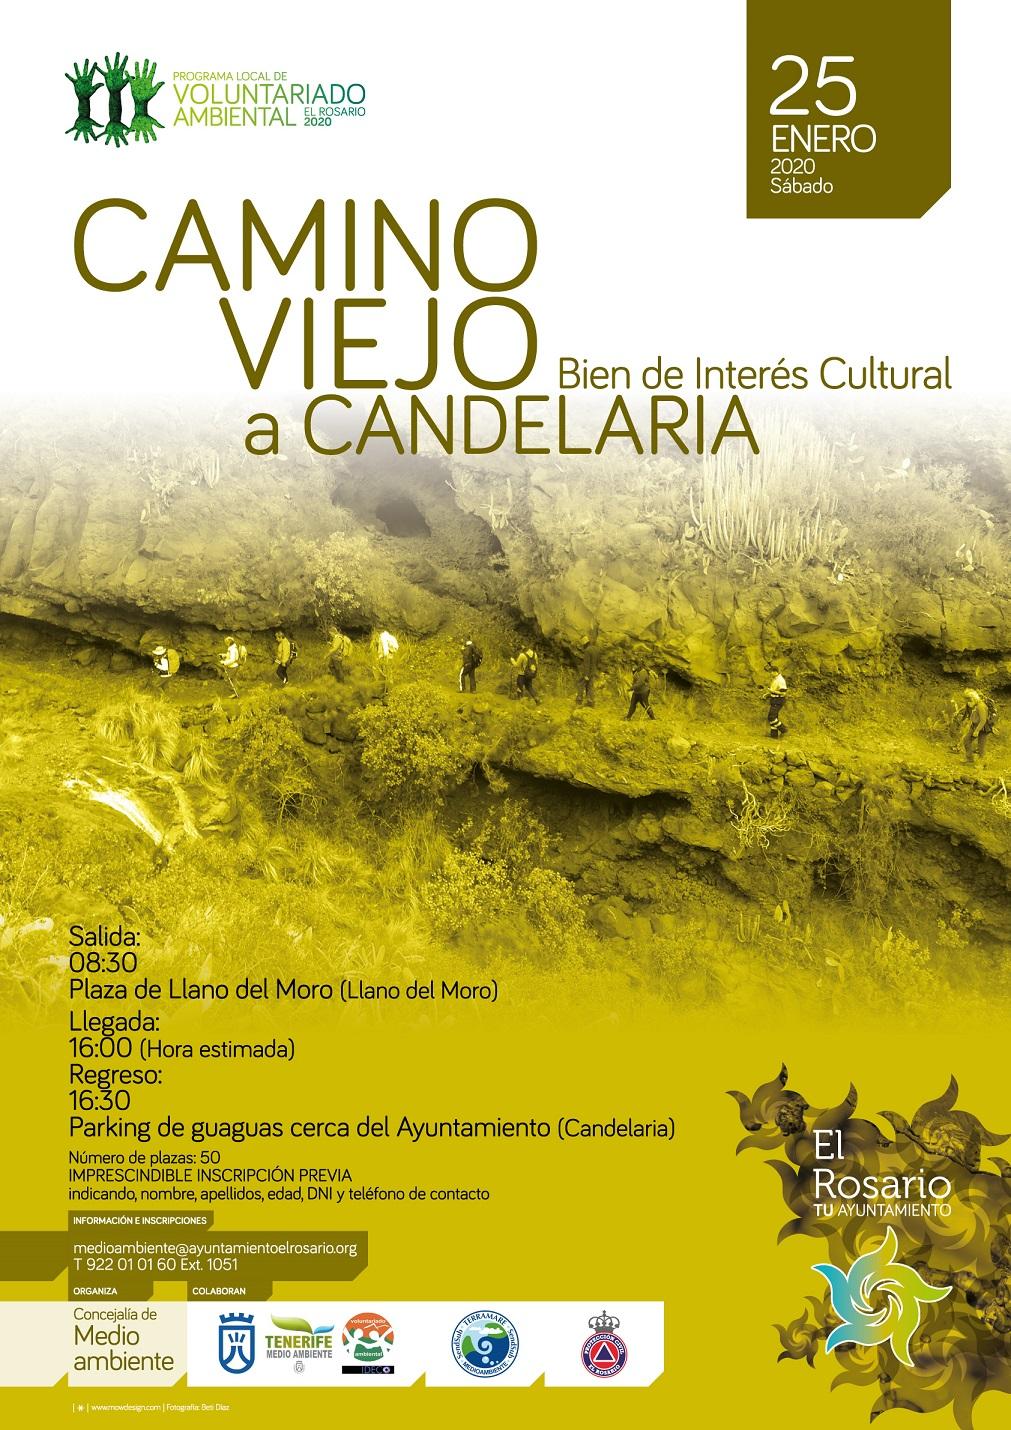 Camino_Viejo_a_Candelaria-20200125-CARTEL_a3-20200116-01af-redes - copia